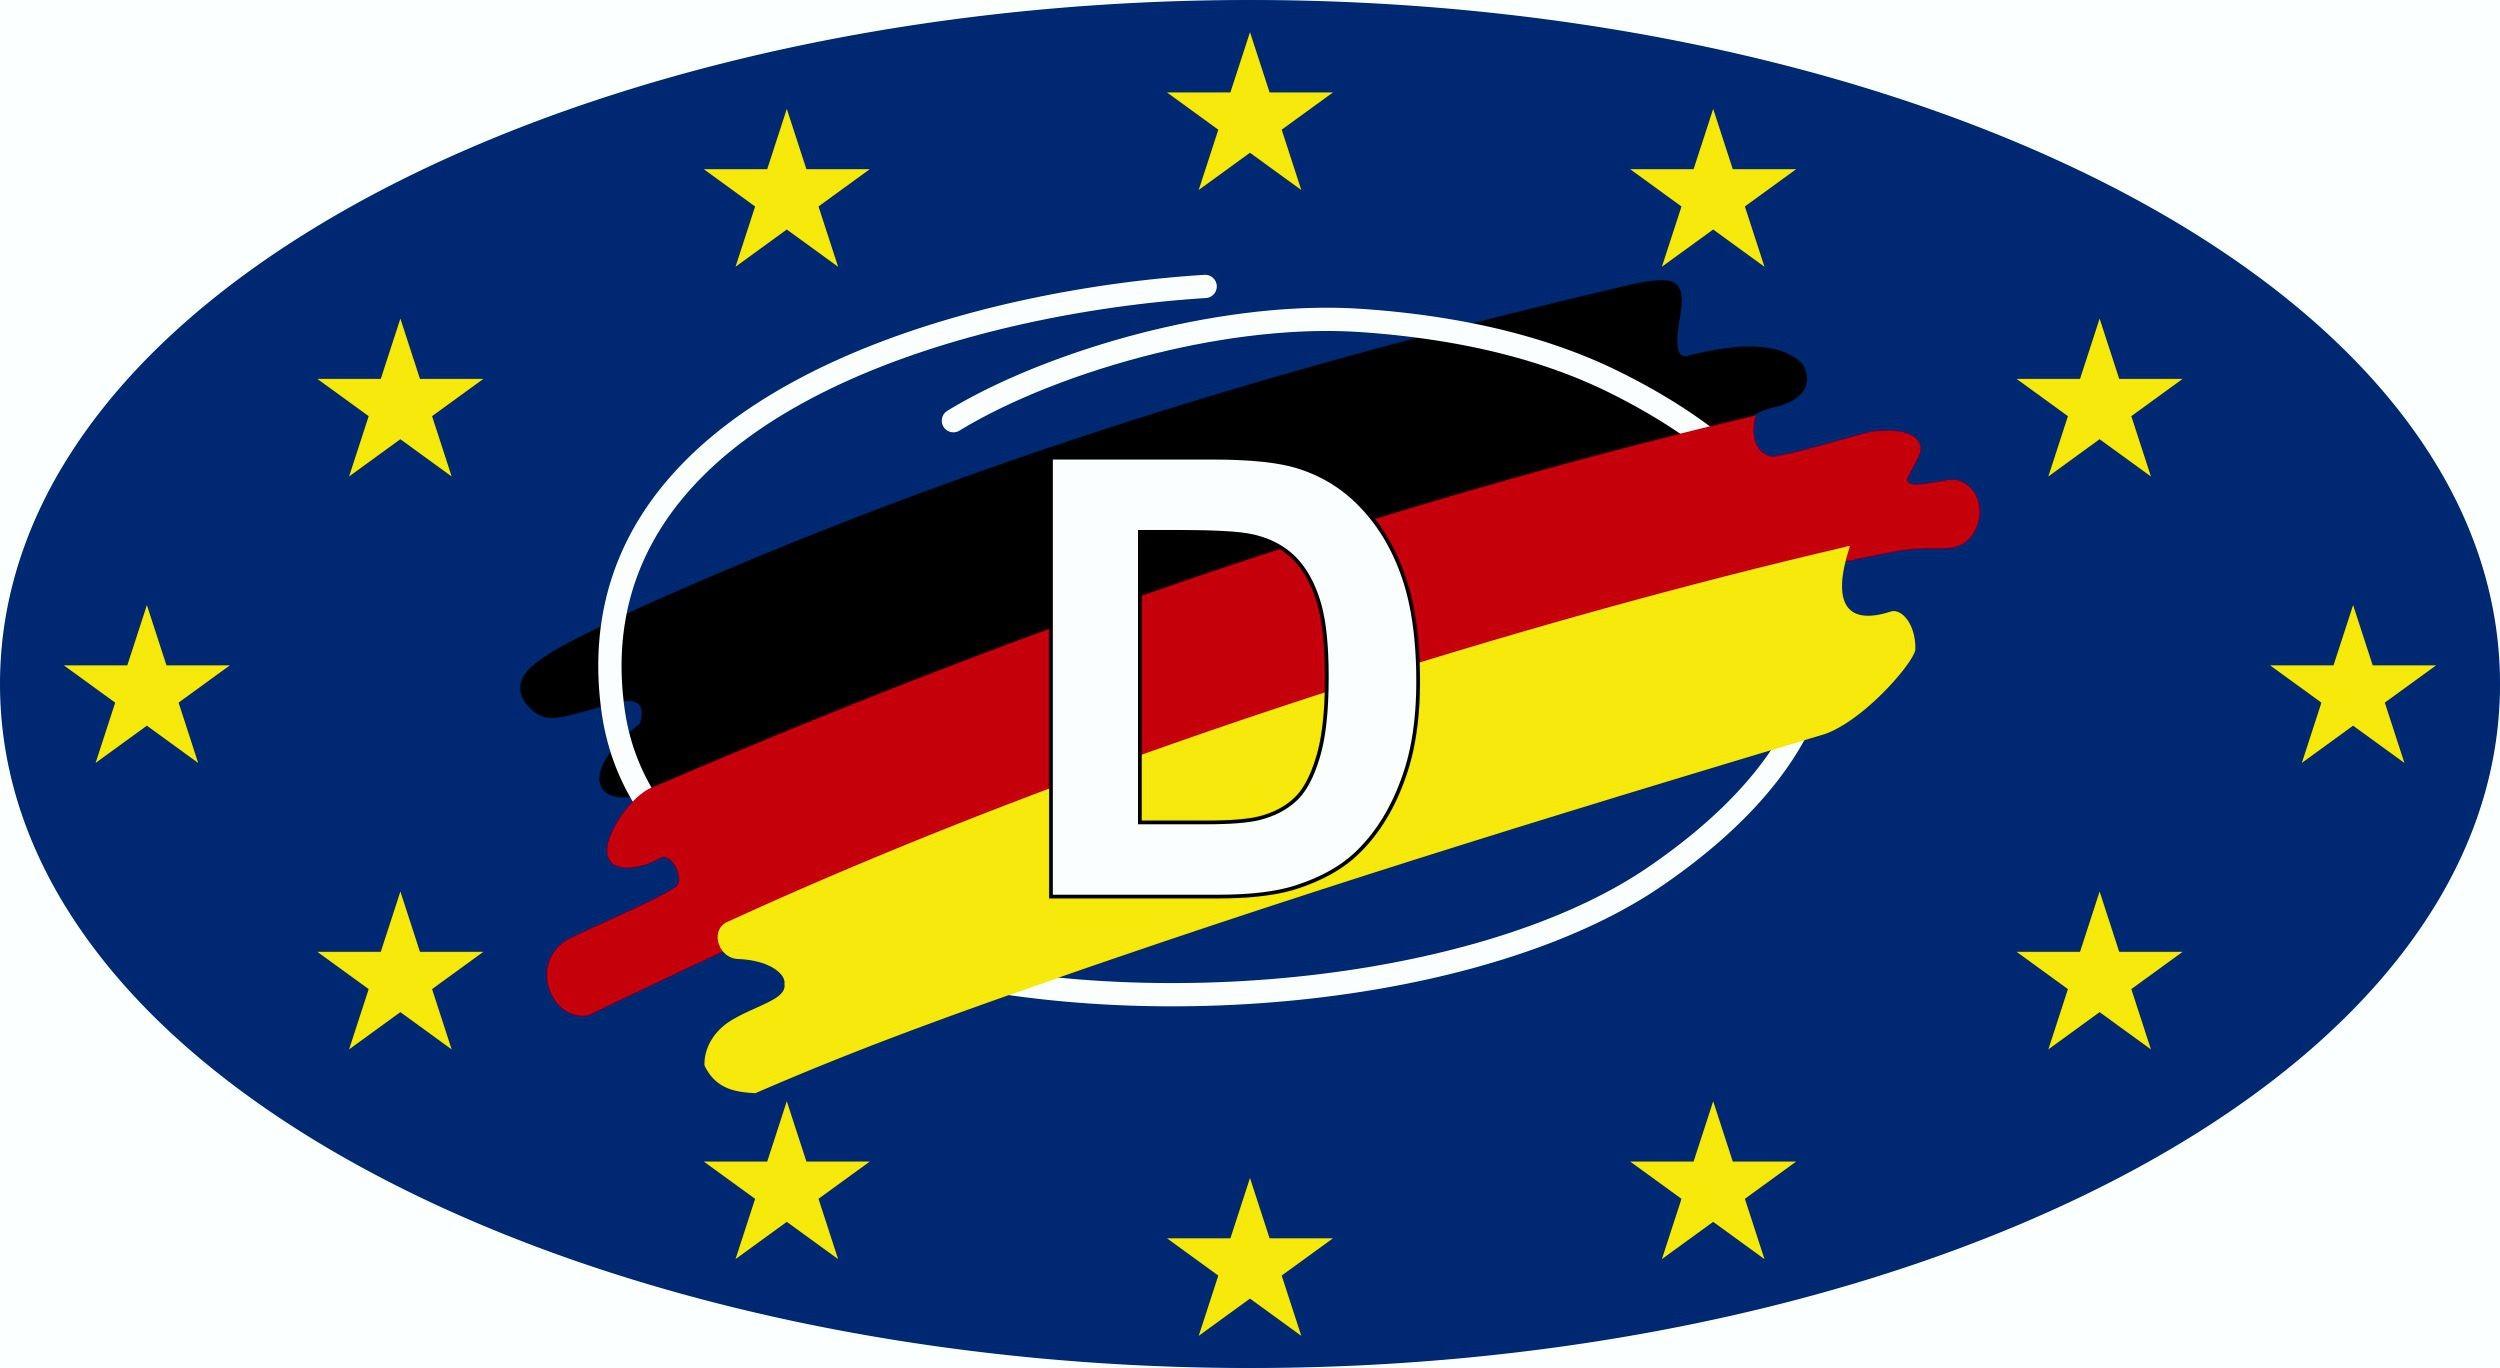 Aufkleber Deutschland Holografie 115 x 60 mm Deutschland Fanartikel Olympia – Bild 1